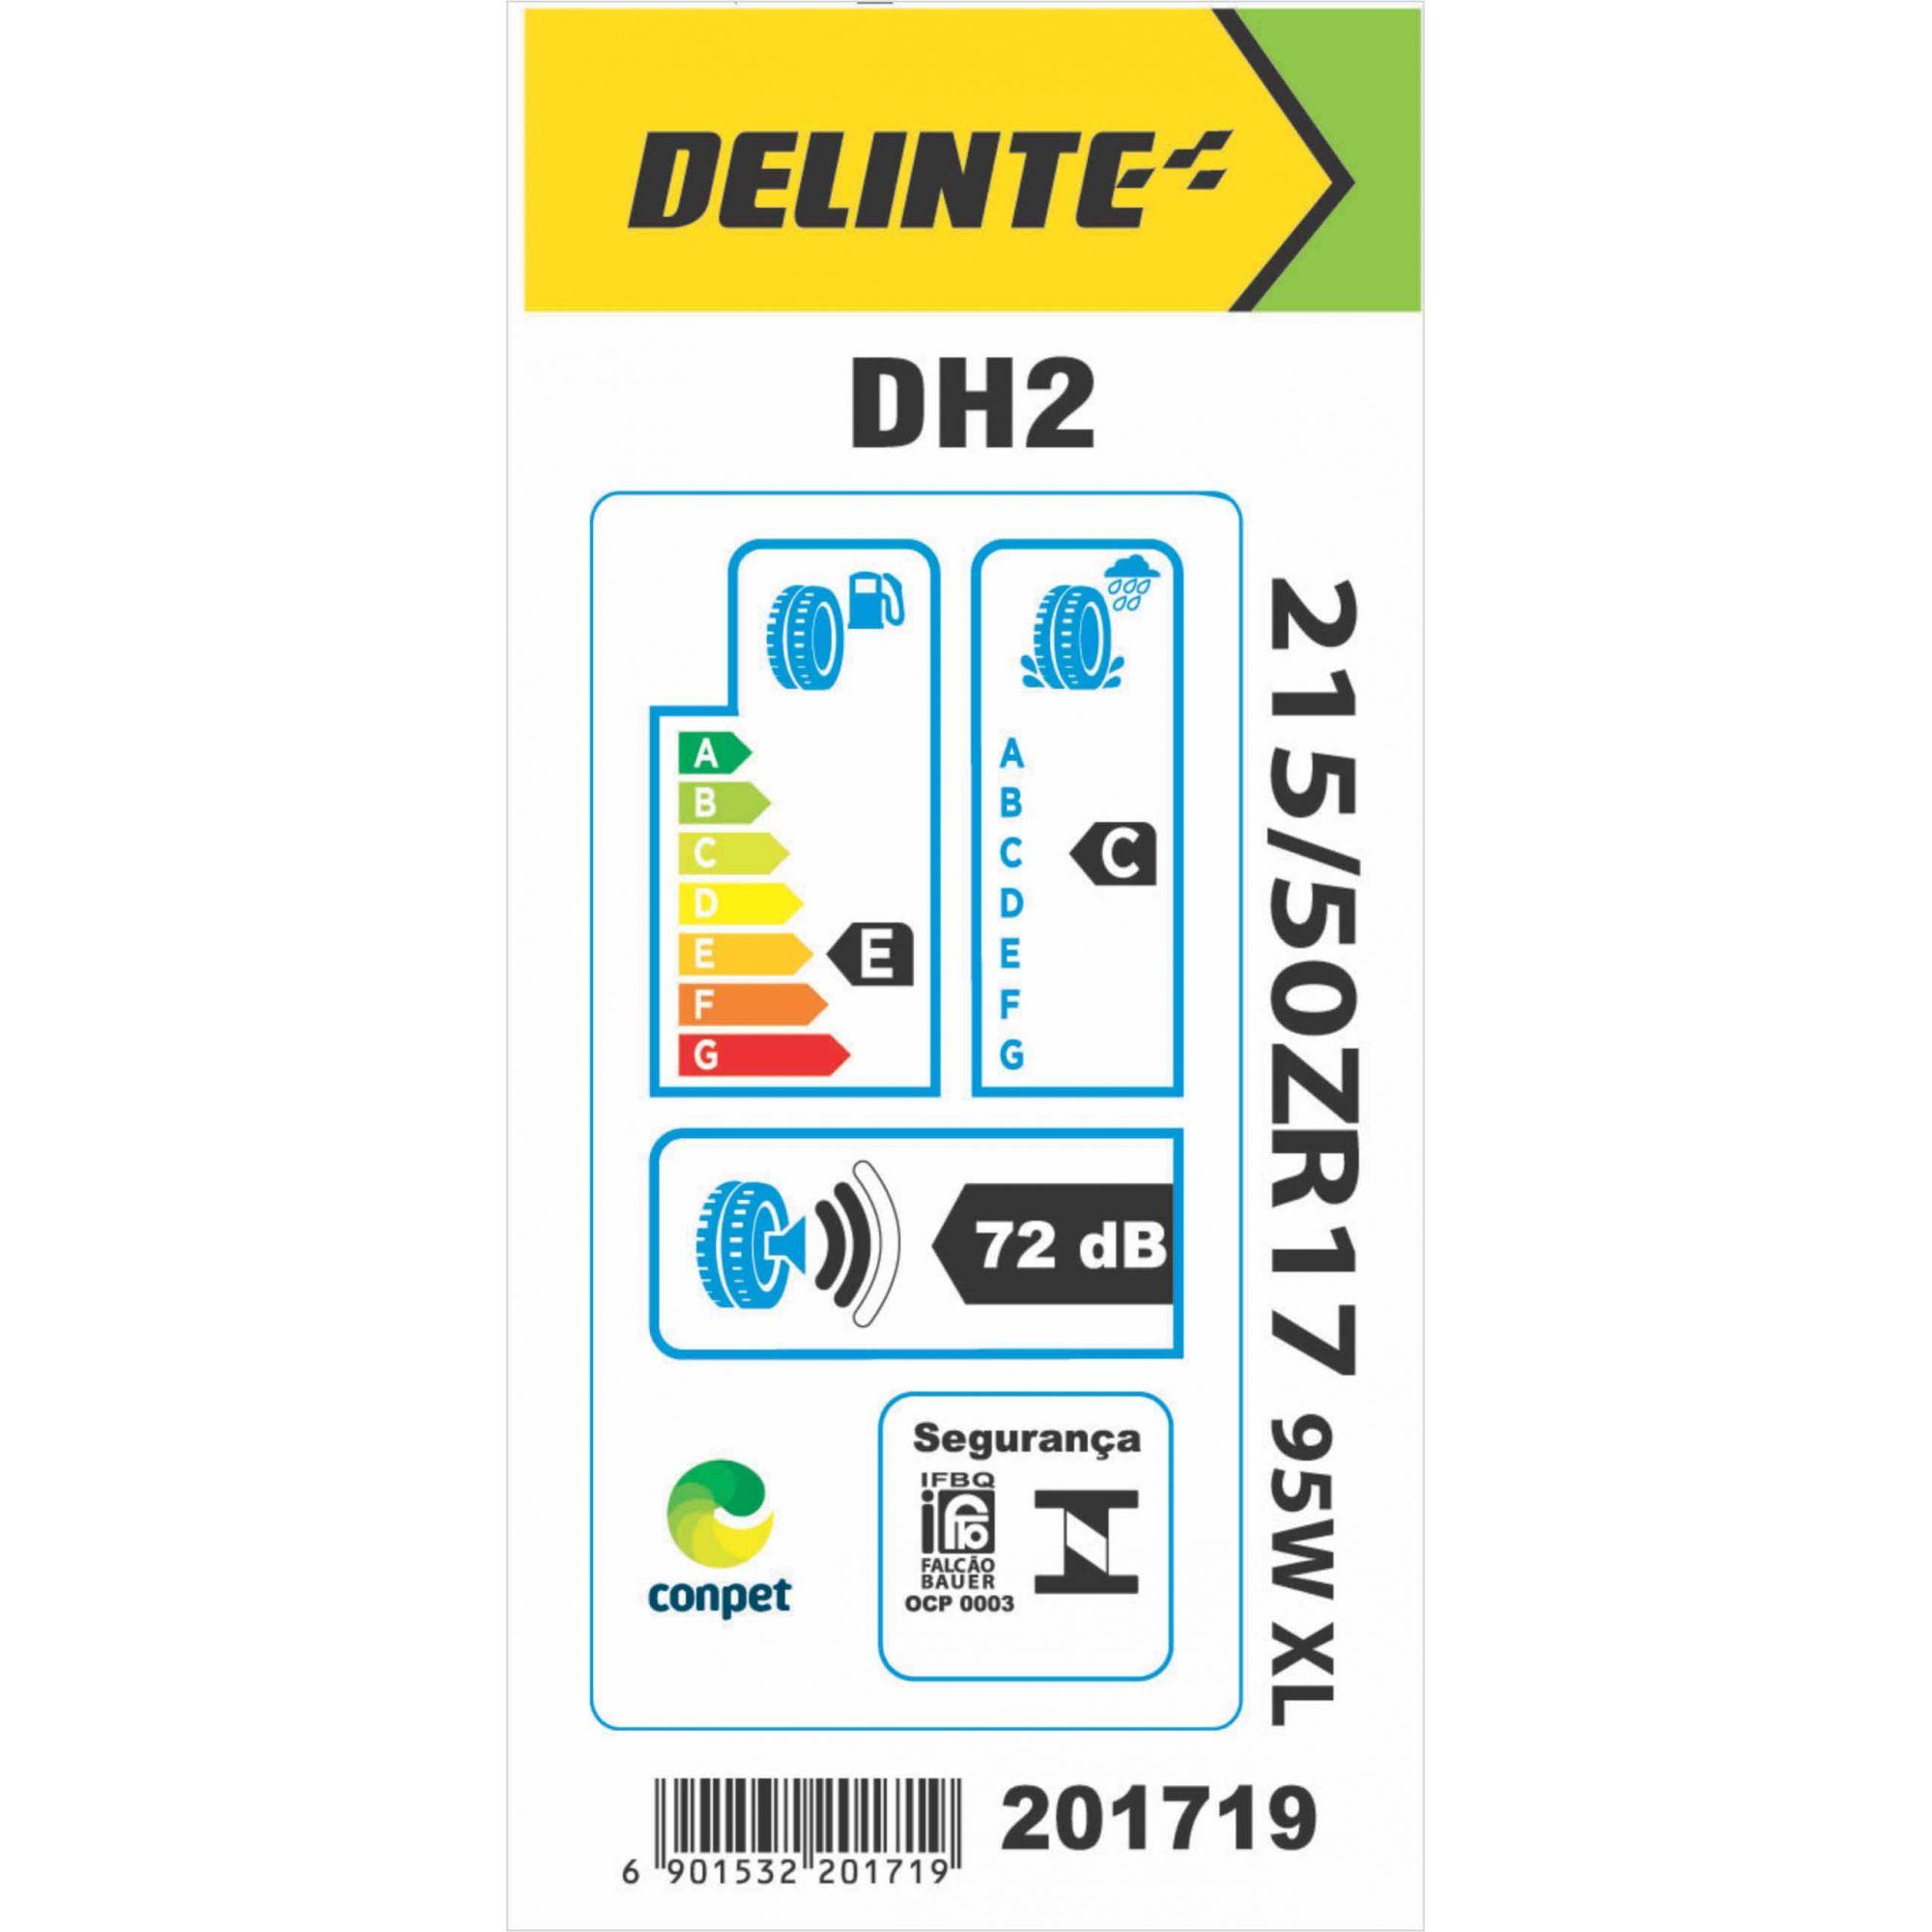 Pneu 215/50R17 Delinte DH2 95W